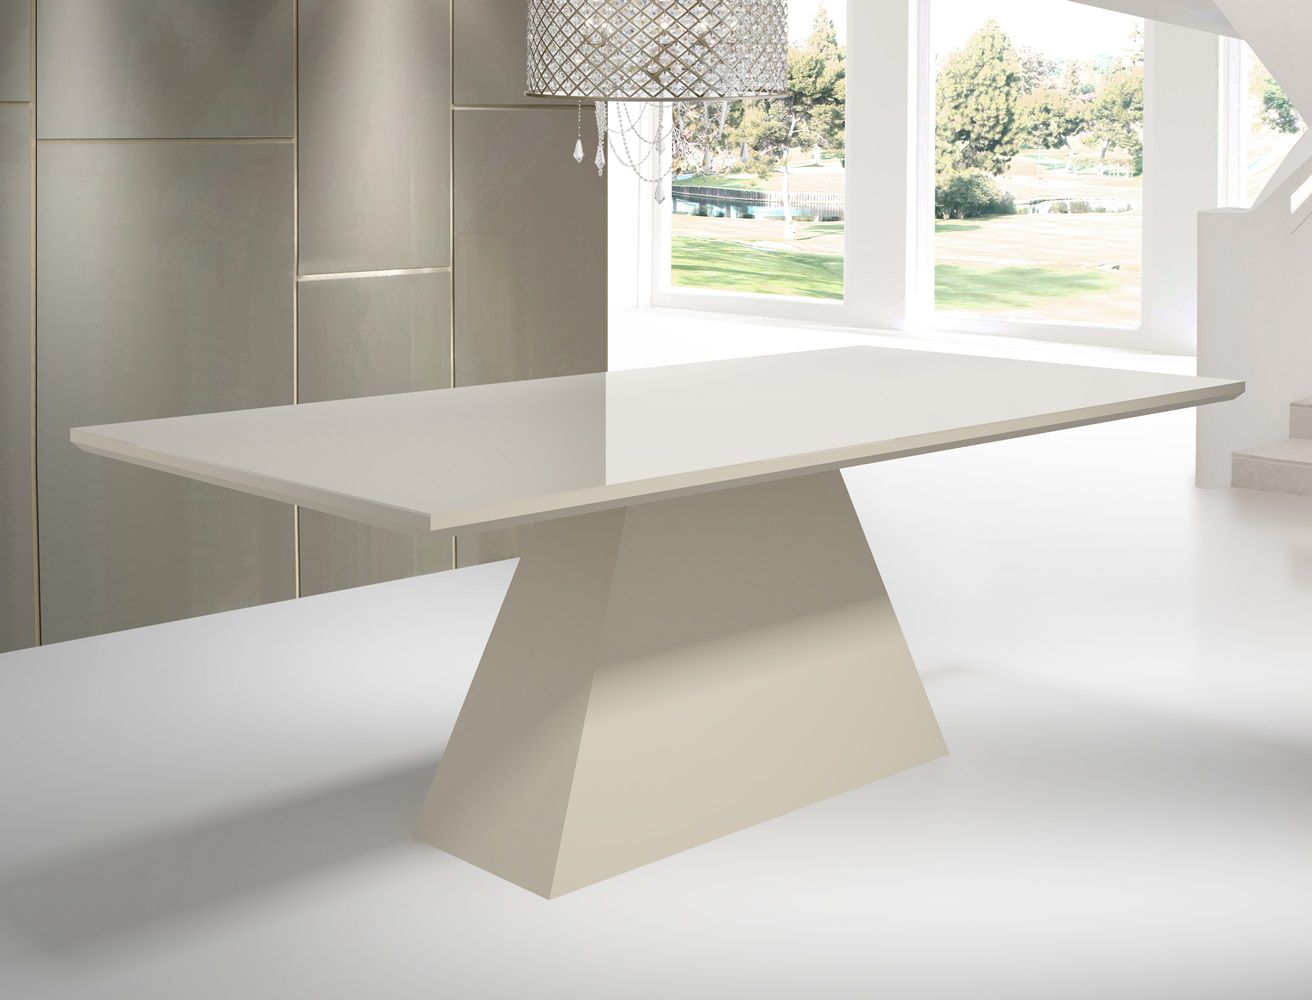 Mesa de Jantar Retangular com Vidro Tamanho ( 90cm X 200cm ) - Floripa